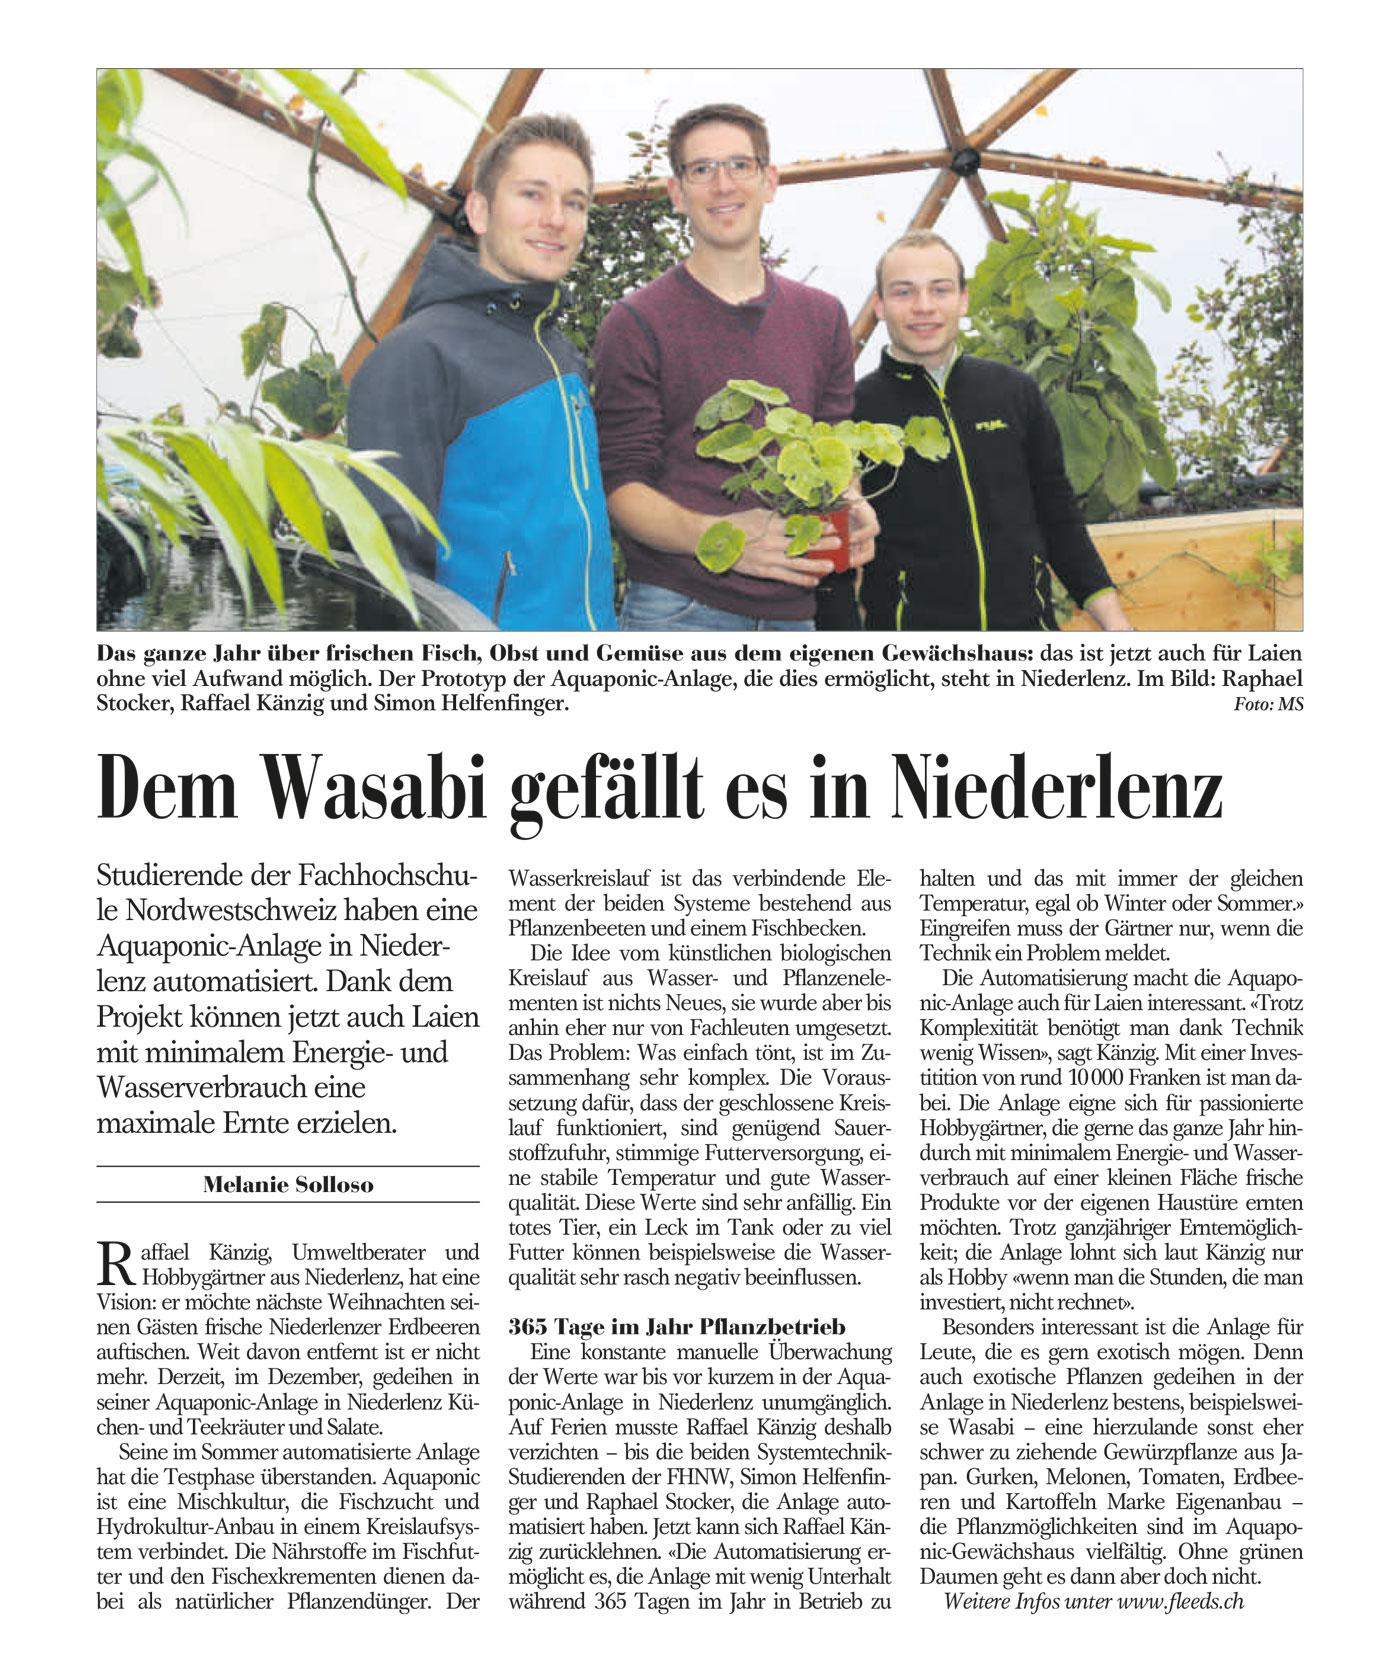 Der Bezirksanzeiger Lenzburg berichtet über unsere Aquaponic-Anlage in Niederlenz.